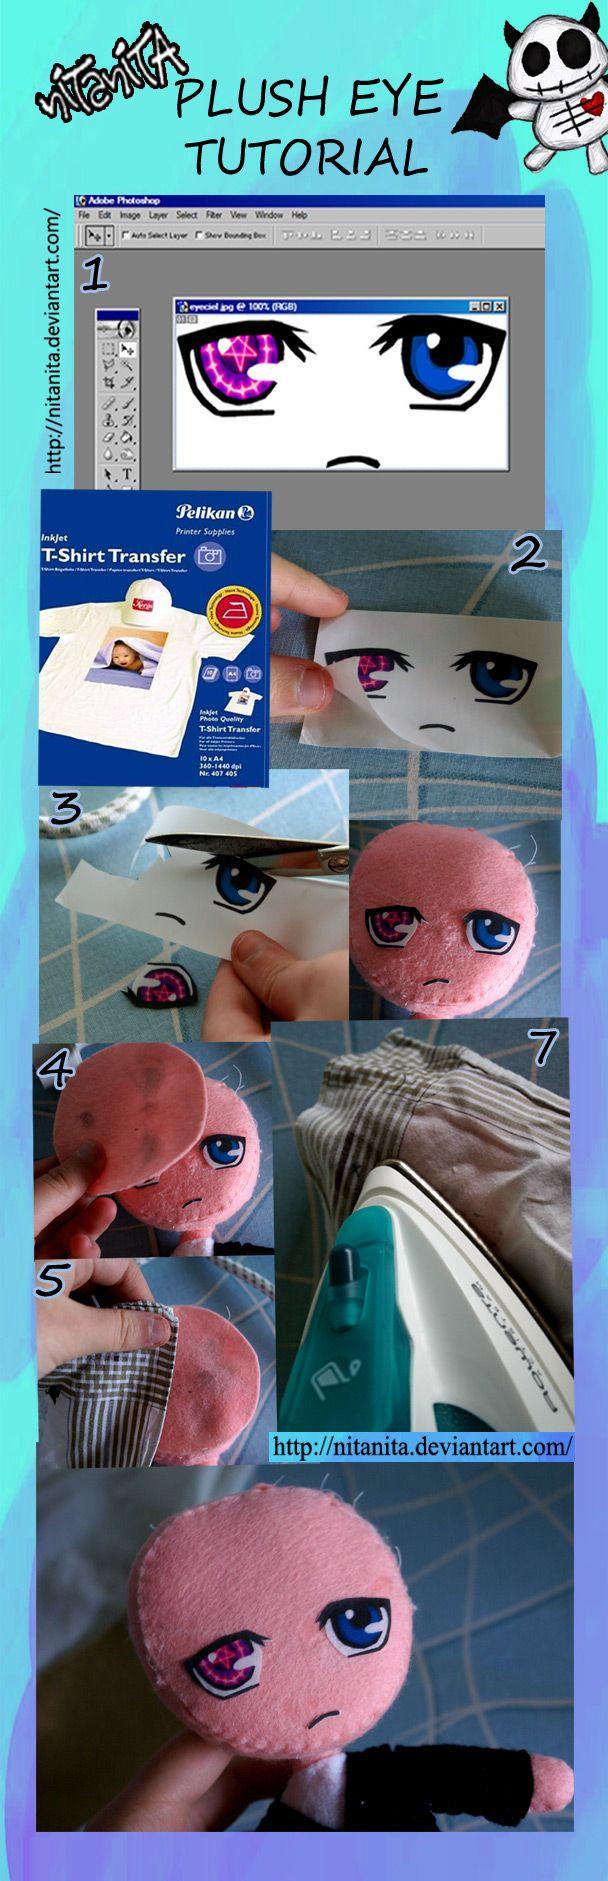 Plush eye tutorial by ~nitanita on deviantART